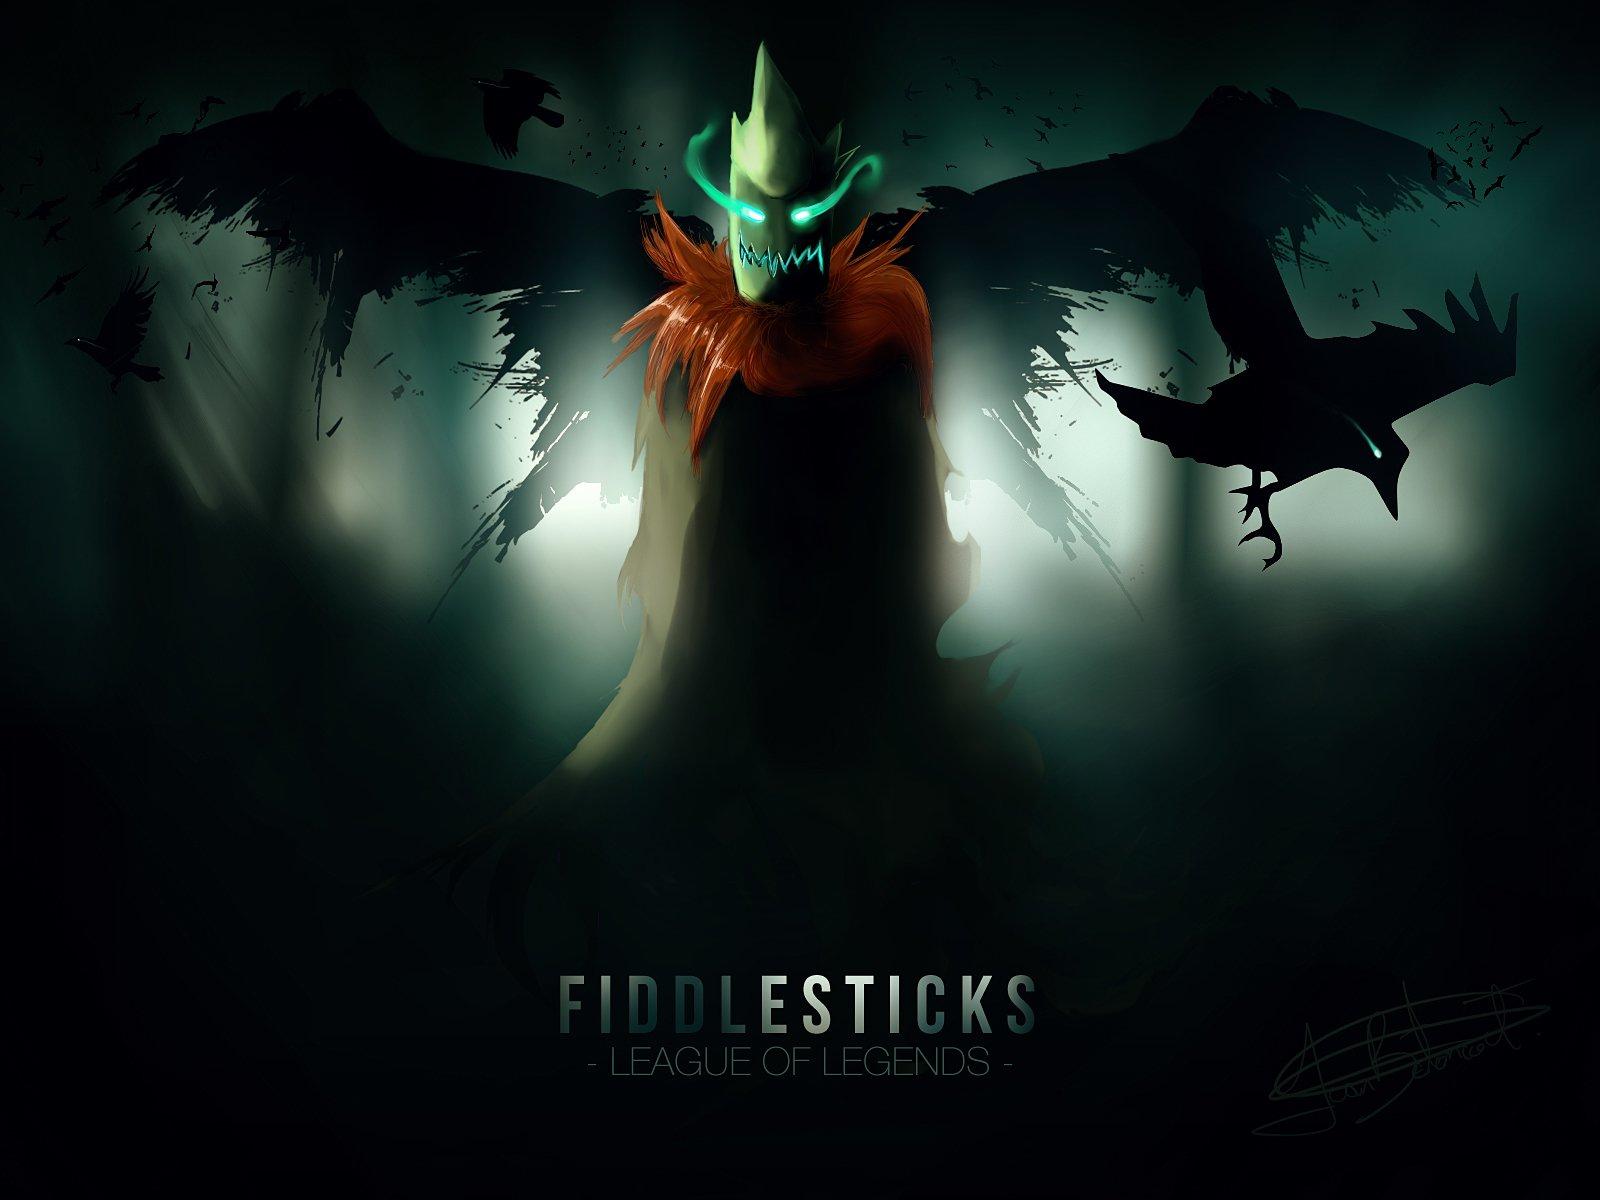 38 Fiddlesticks League Of Legends Hd Wallpapers Background